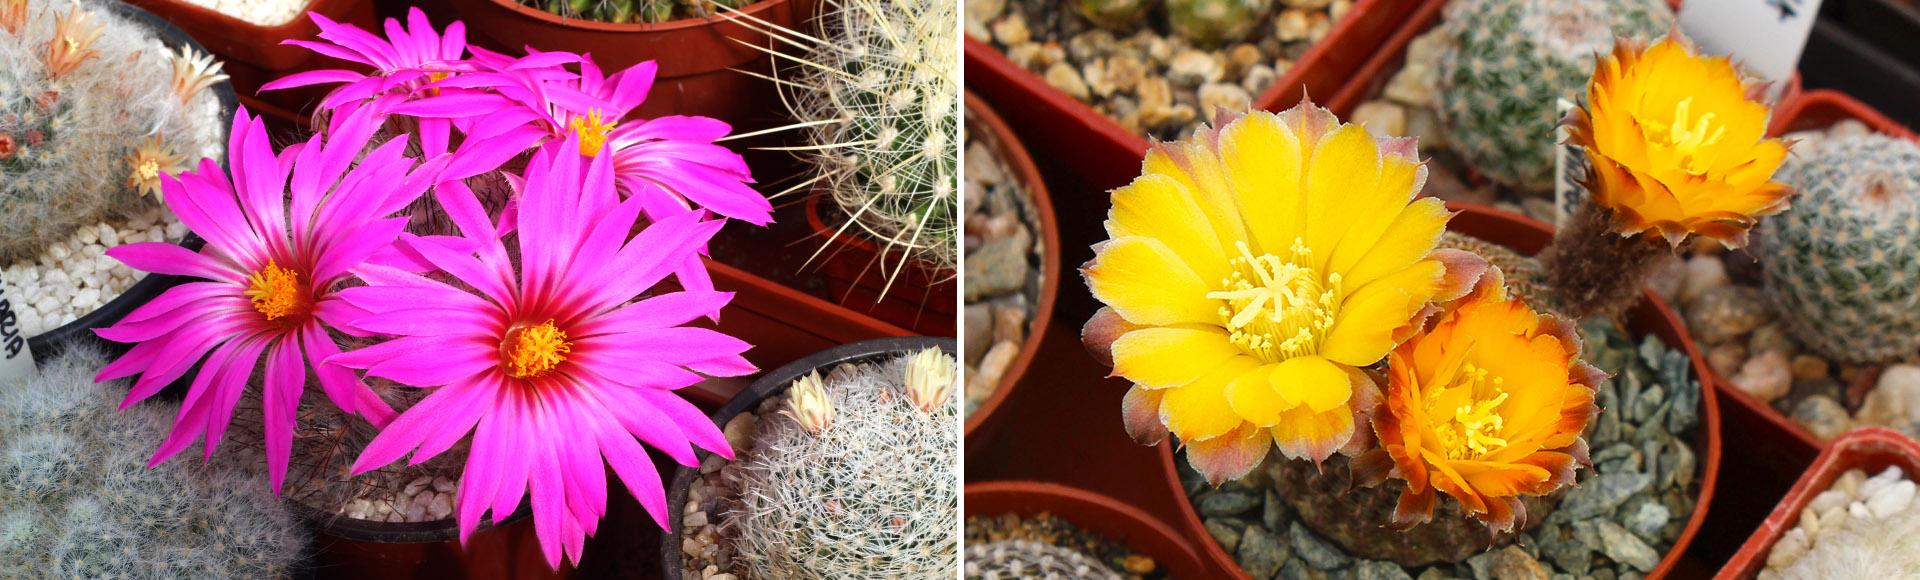 Jak často zalévat kaktusy?